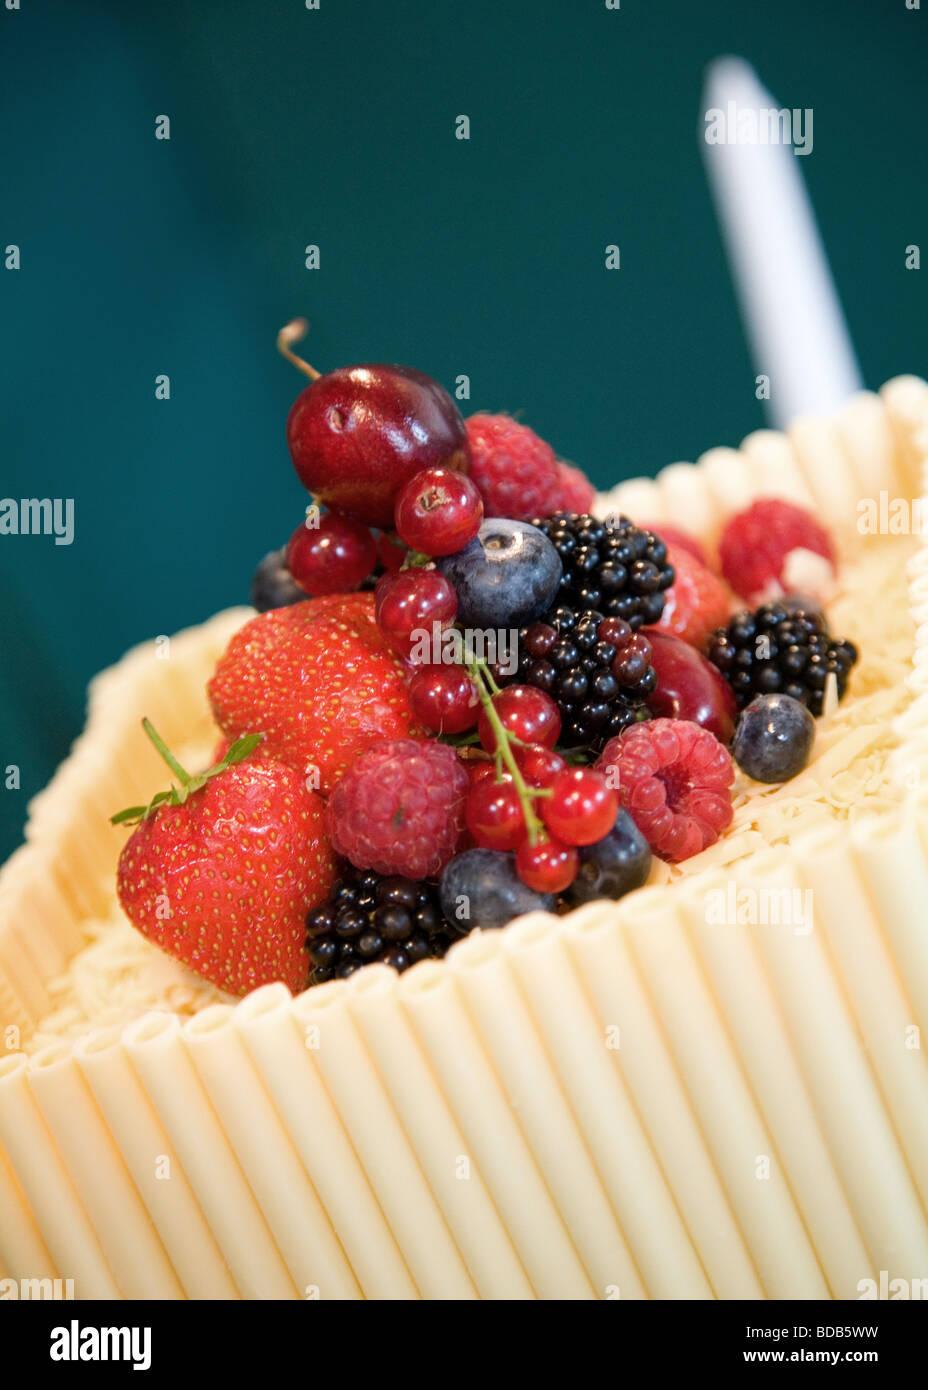 Frisches Obst Auf Eine Hochzeitstorte Gemacht Schokolade Rohren